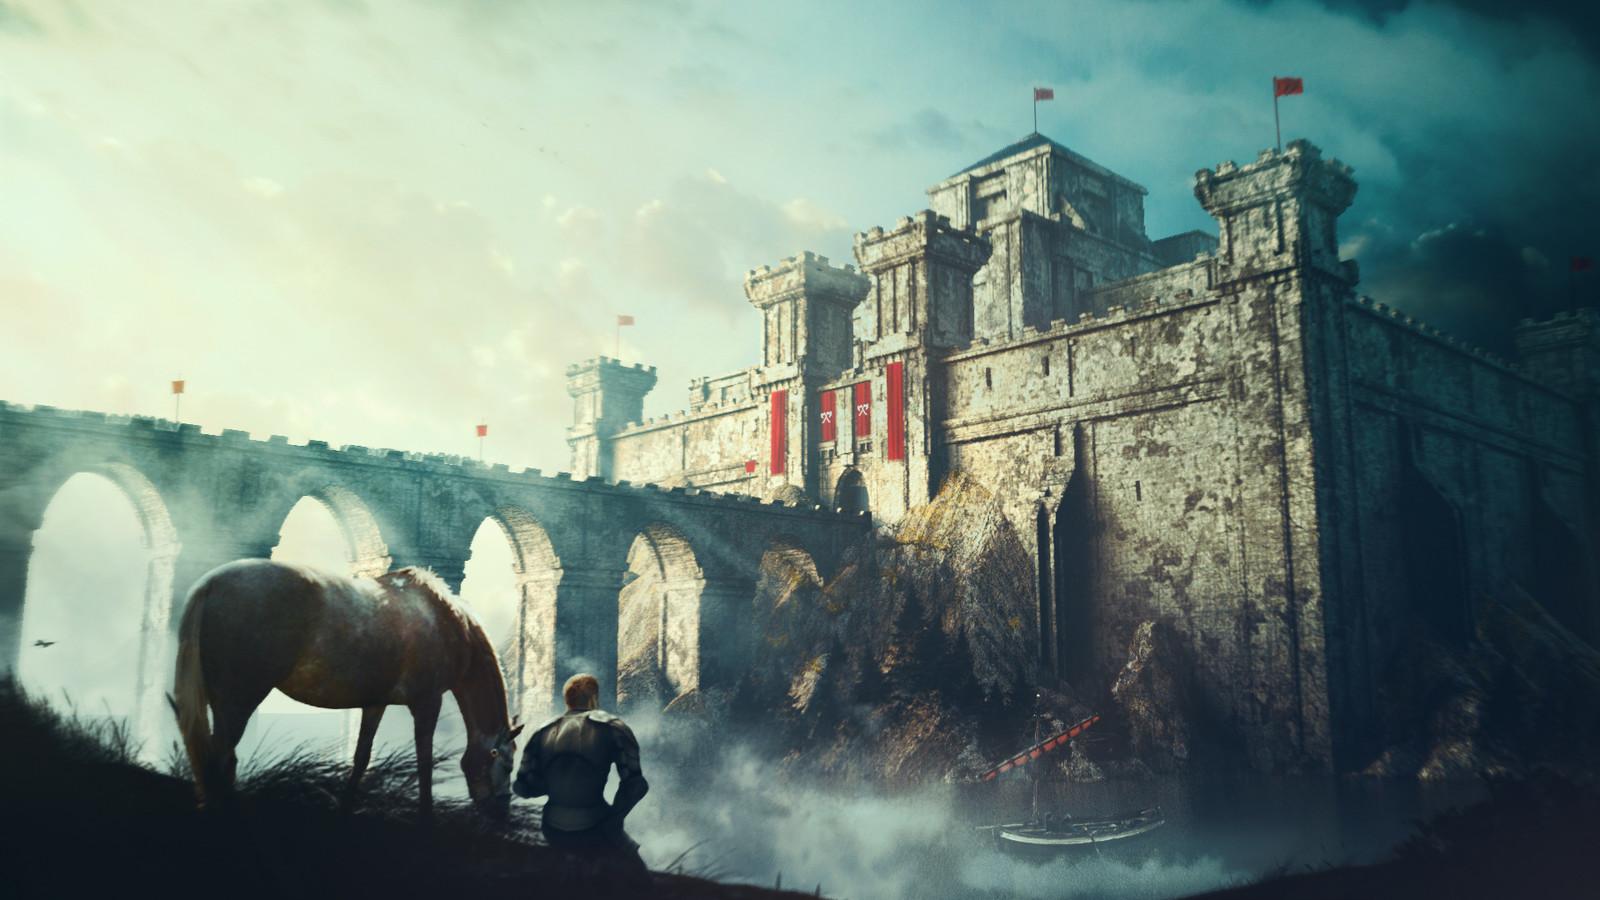 Medieval castle concept